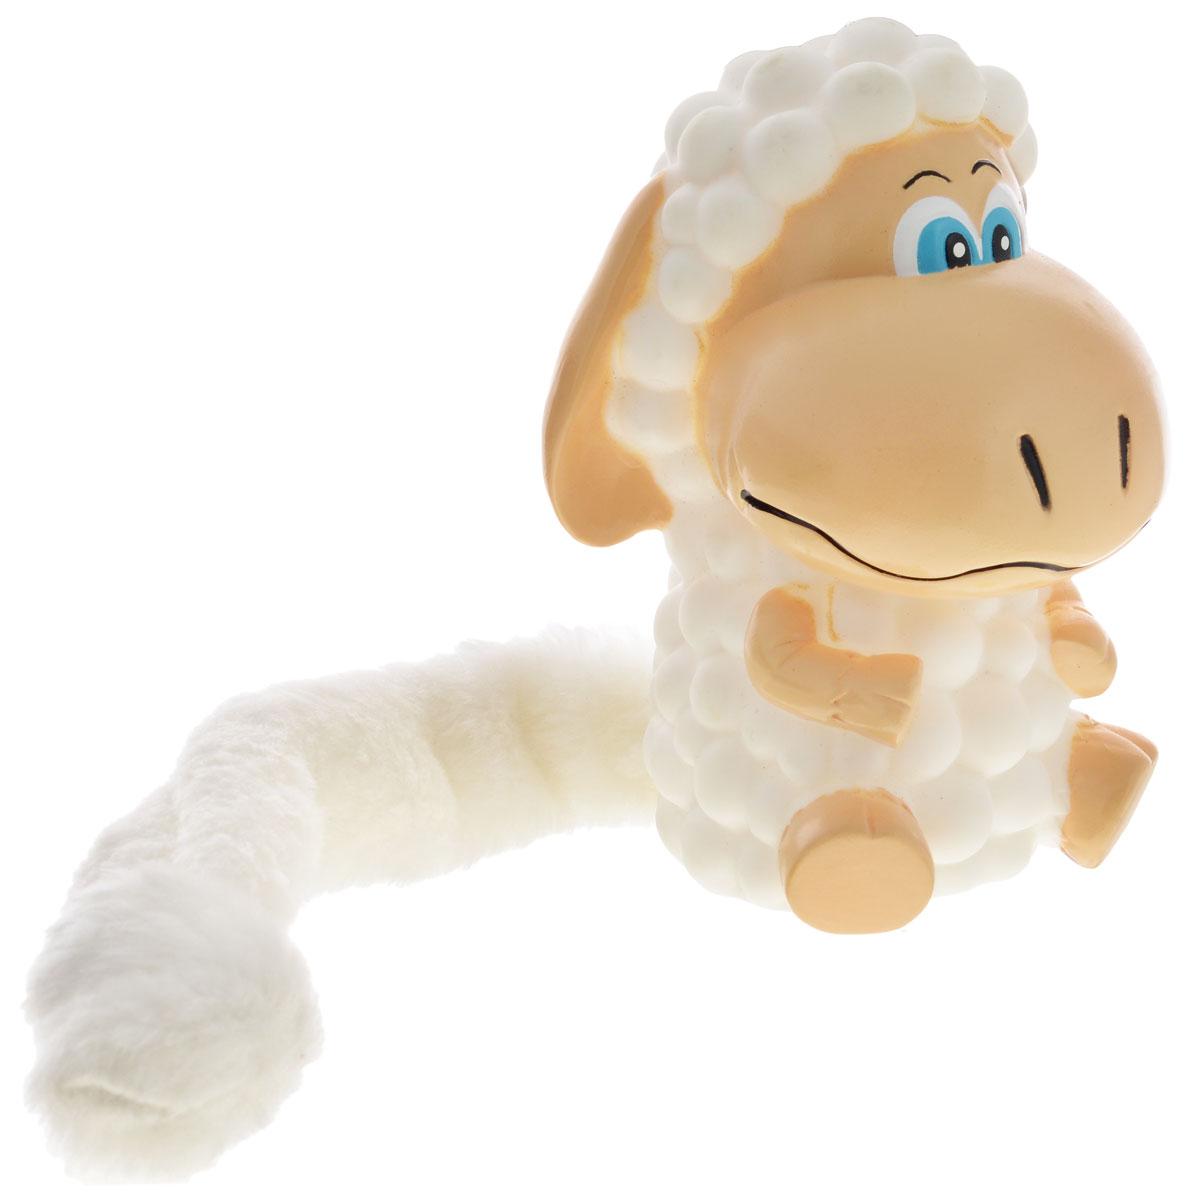 Игрушка для собак Aveva Овечка12171996Игрушка для собак Aveva Овечка, выполненная в виде забавной овечки с плюшевым хвостом, изготовлена из резины. Такая игрушка позволит весело провести время вашему питомцу, а также поможет вам сохранить в целости личные вещи и предметы интерьера. Яркая игрушка привлечет внимание вашего любимца, не навредит здоровью и займет его на долгое время.Длина хвоста игрушки: 20 см.